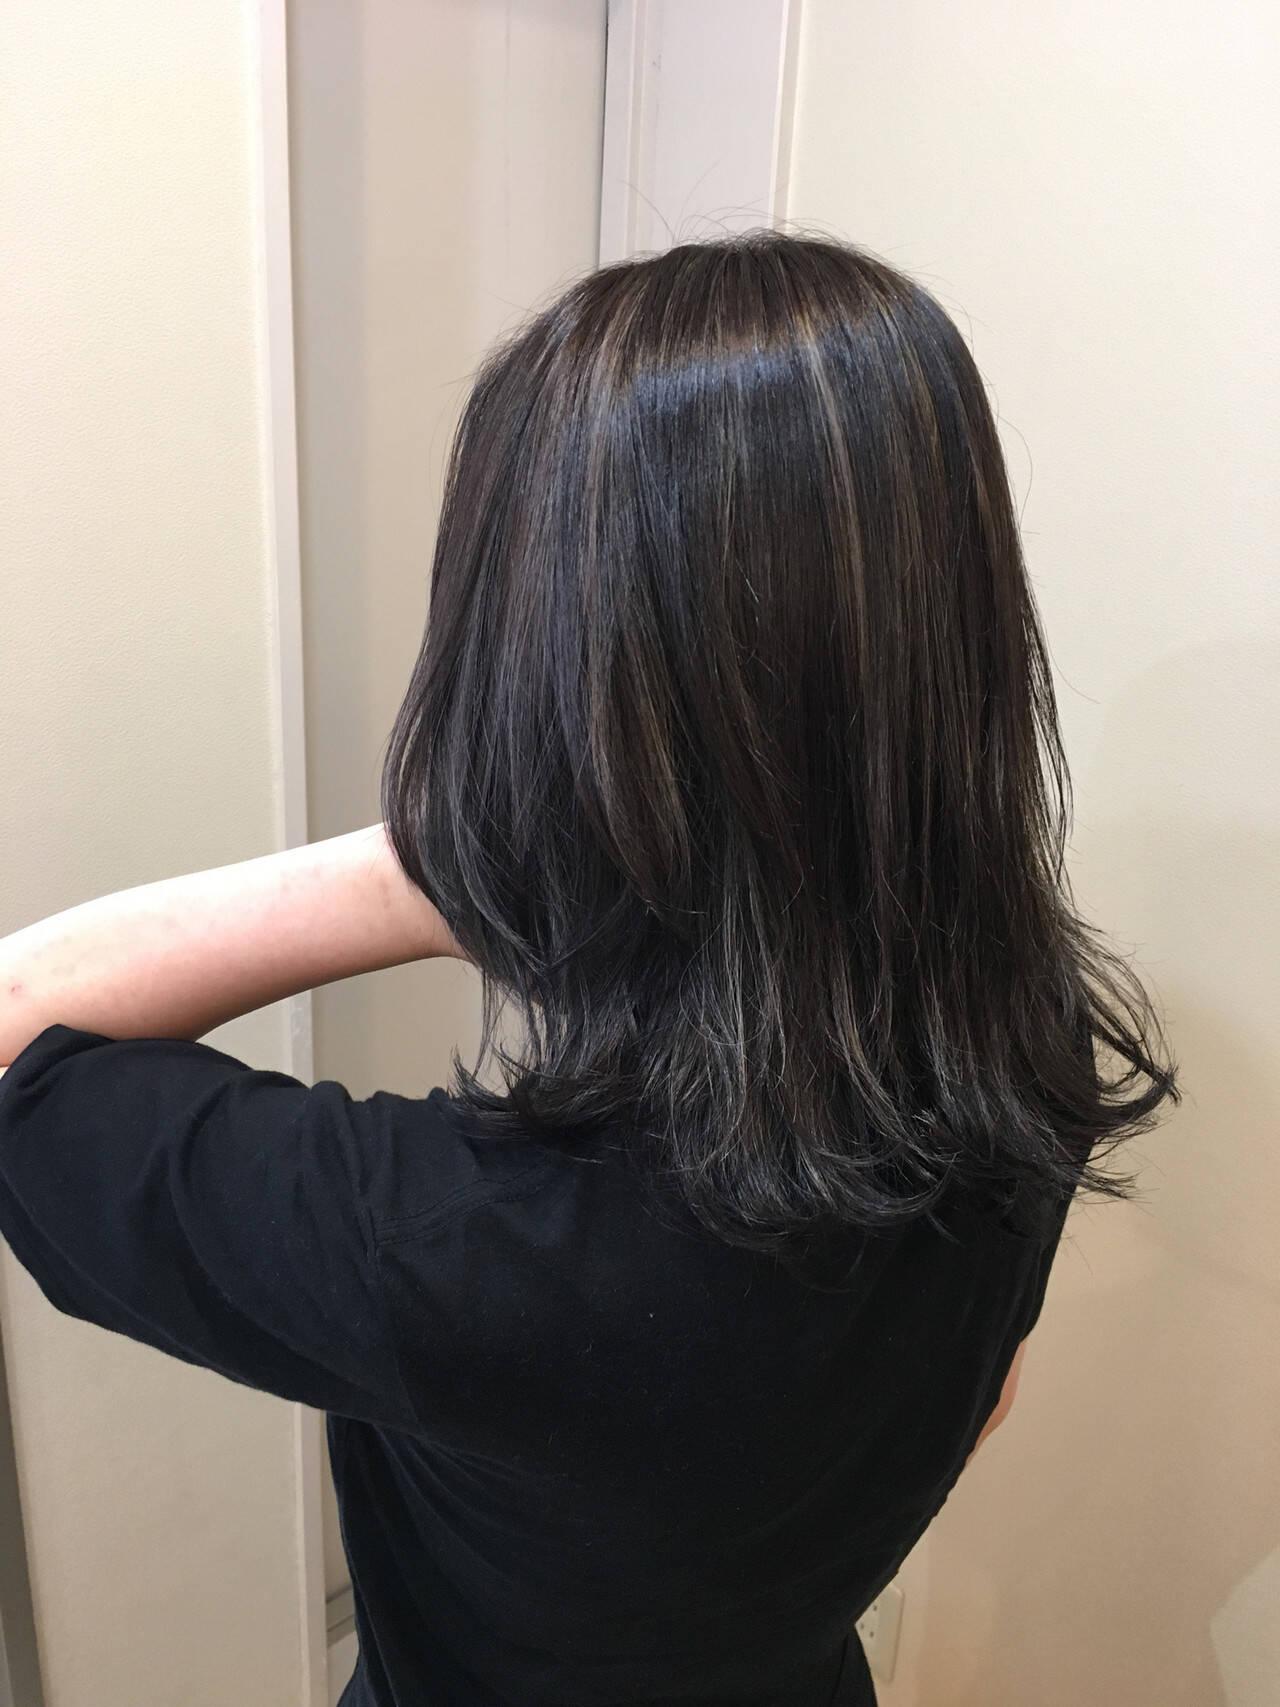 大人ハイライト セミロング ナチュラル バレイヤージュヘアスタイルや髪型の写真・画像